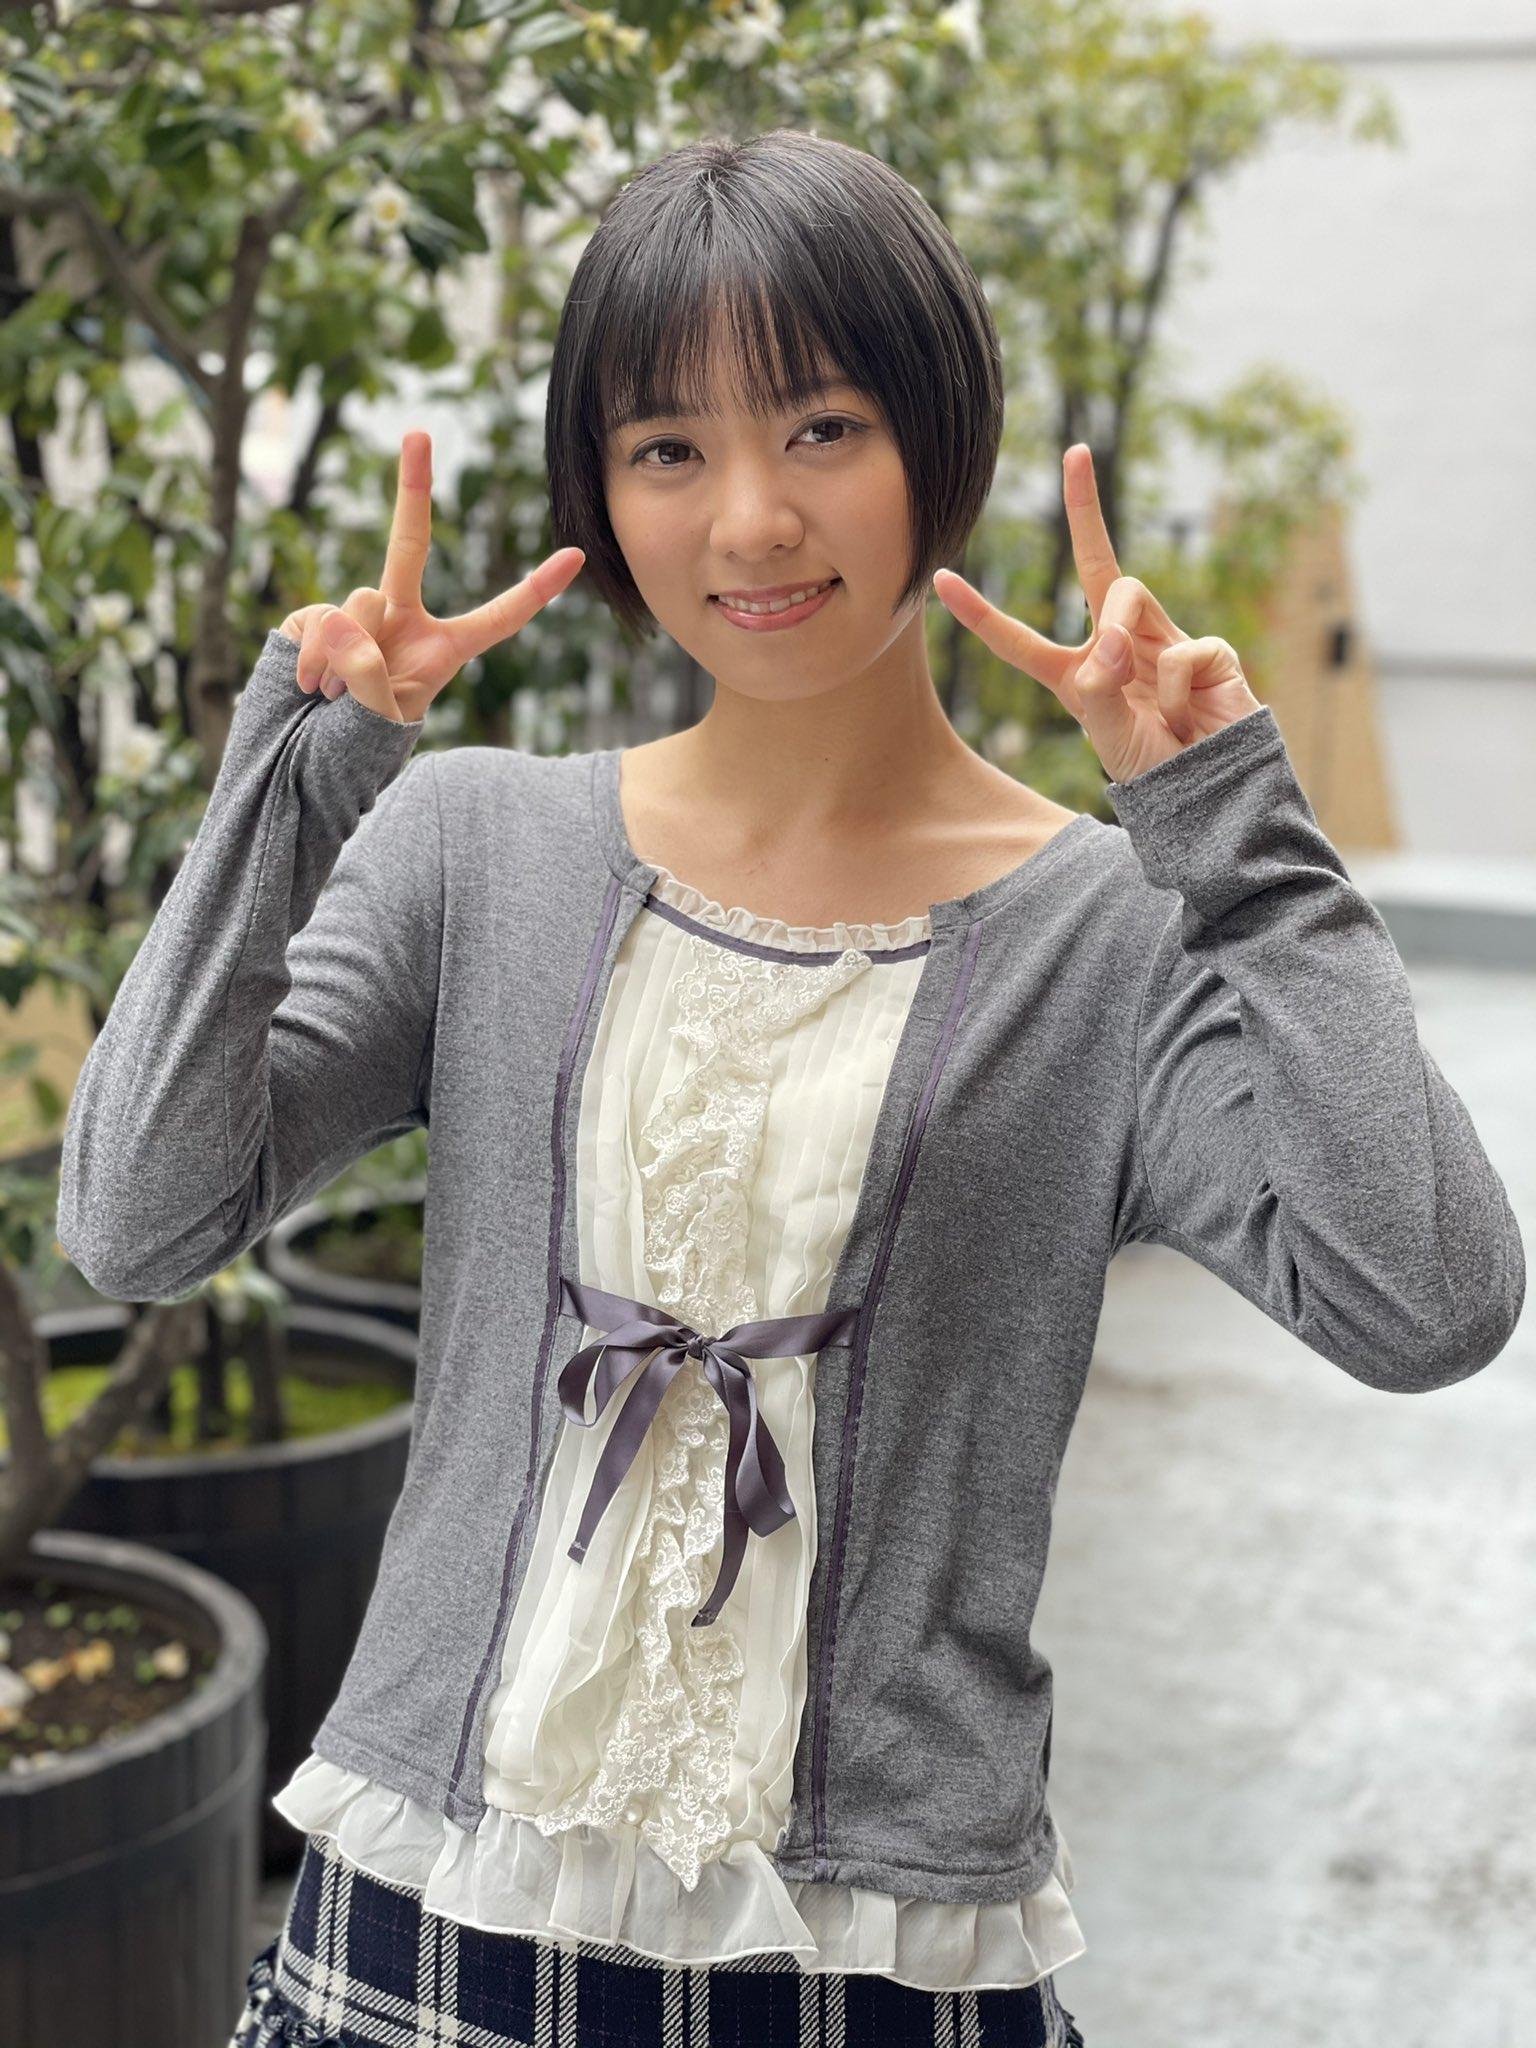 本日の出演女優様は『もなみ鈴』さんです!